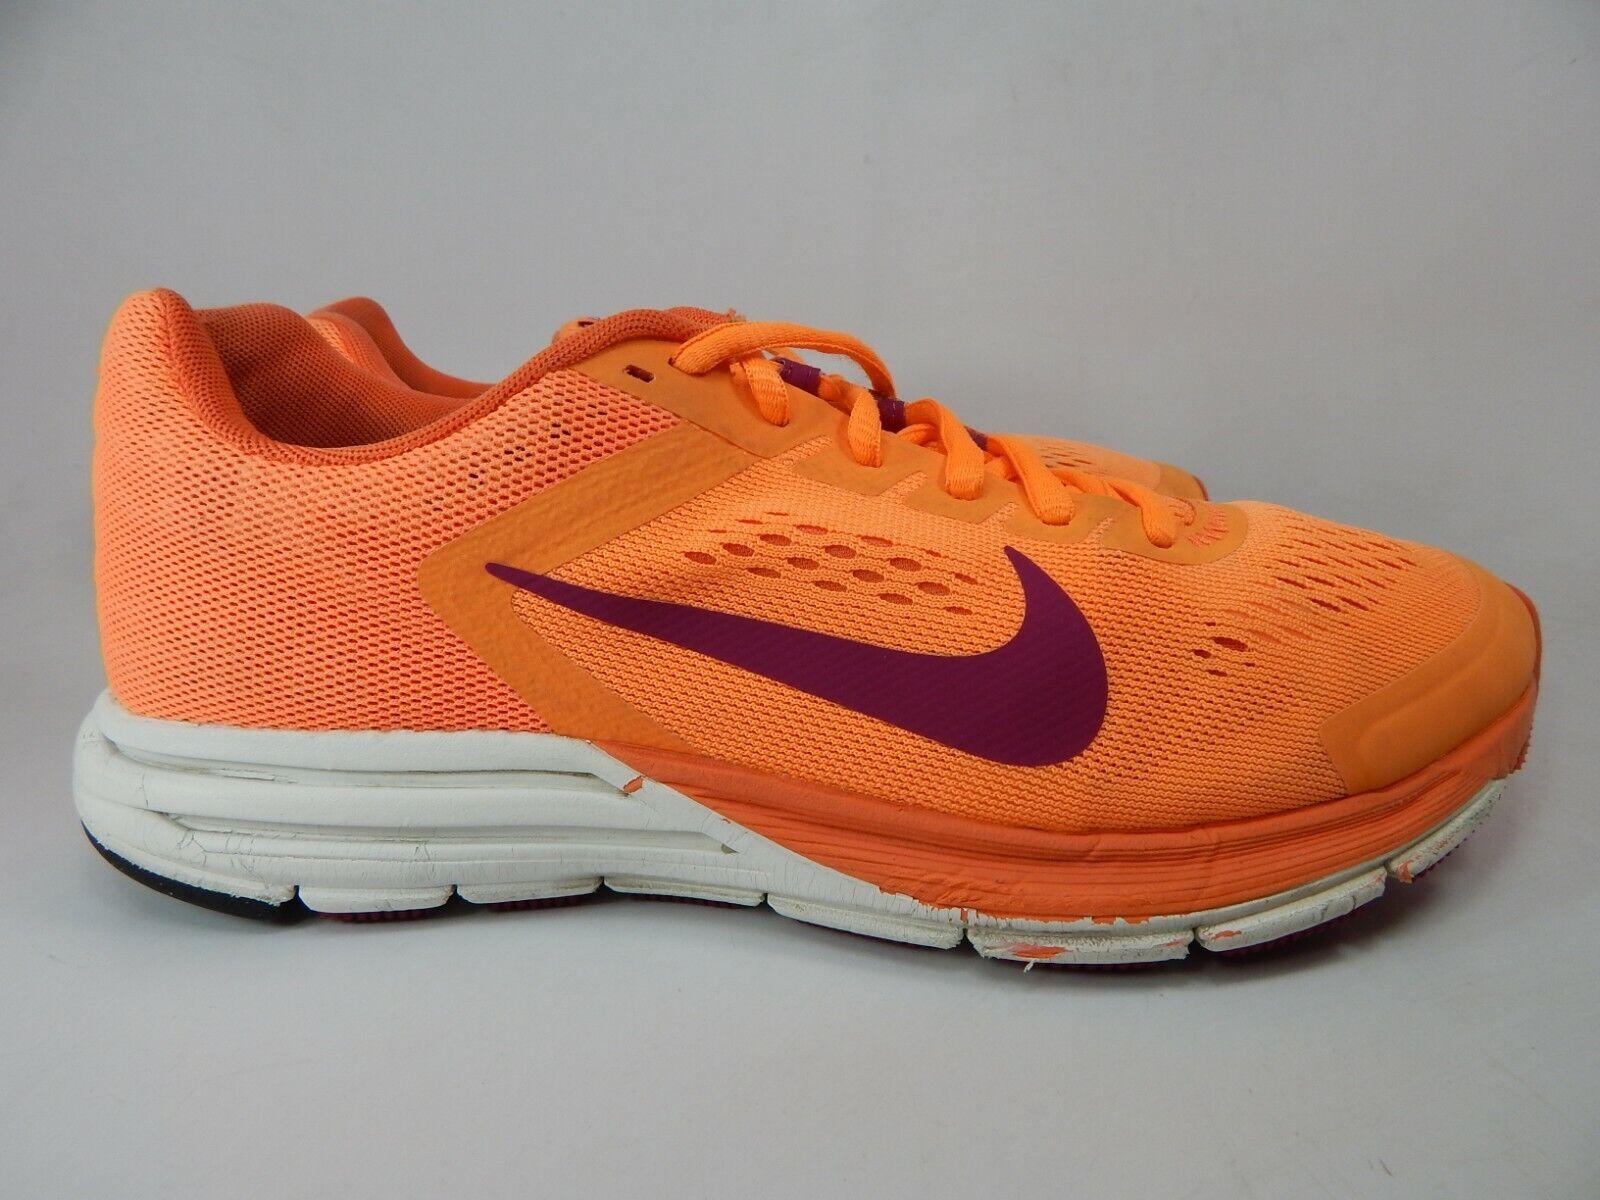 vendita economica ultime tendenze del 2019 Garanzia di soddisfazione al 100% Nike Air Zoom Structure 17 Womens Trainers 615588 010 UK 5.5 EU 39 ...